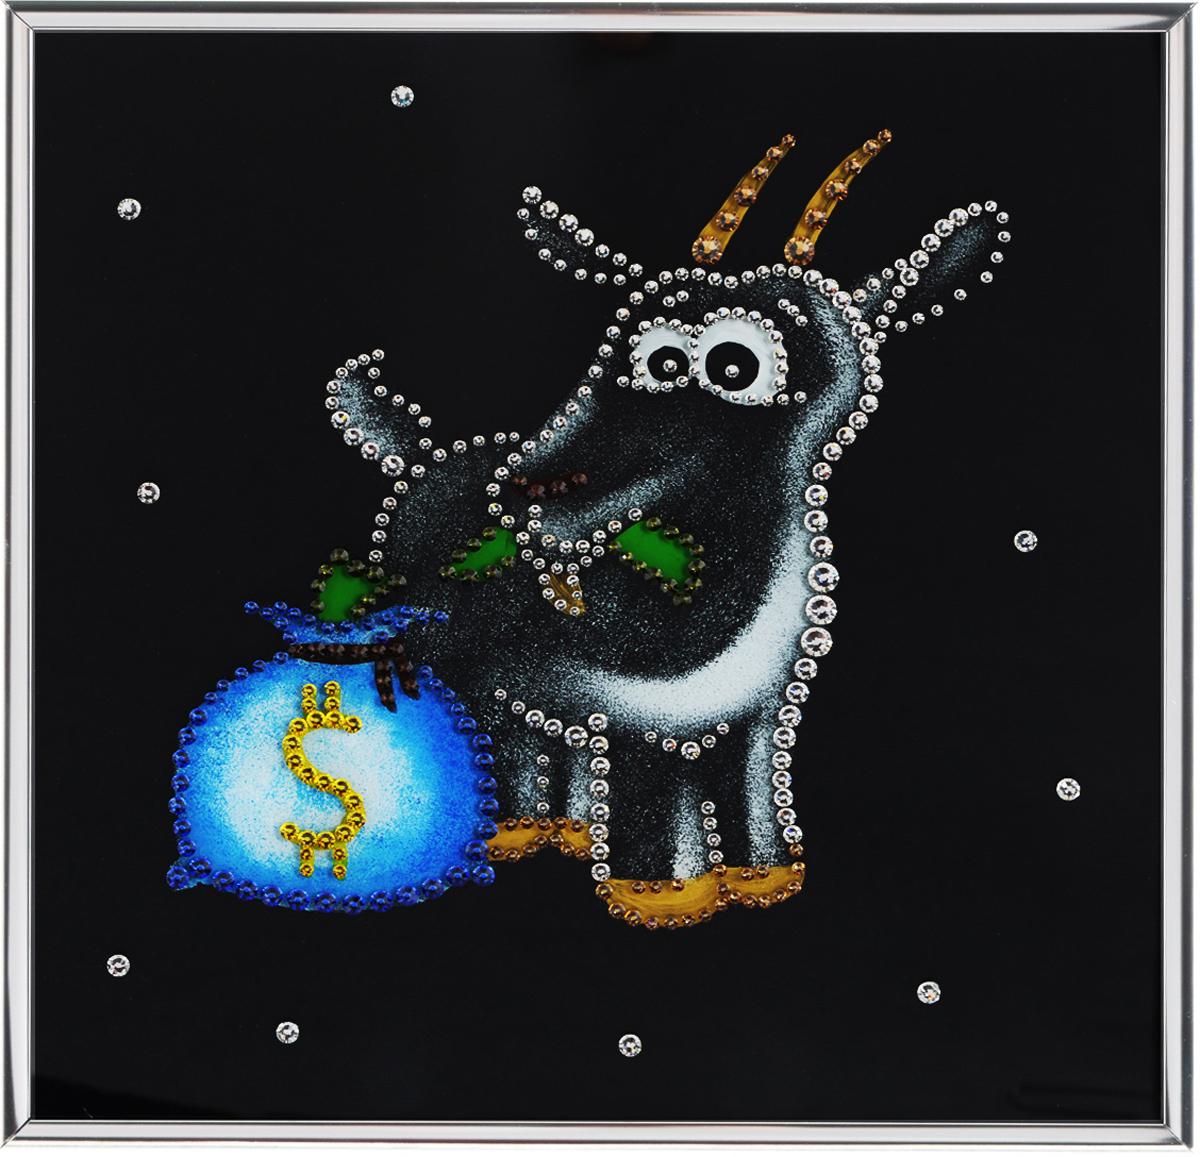 Картина с кристаллами Swarovski Новогодний сюрприз, 25 см х 25 см1541Изящная картина в металлической раме, инкрустирована кристаллами Swarovski, которые отличаются четкой и ровной огранкой, ярким блеском и чистотой цвета. Красочное изображение овечки с мешком денег, расположенное под стеклом, прекрасно дополняет блеск кристаллов. С обратной стороны имеется металлическая петелька для размещения картины на стене.Картина с кристаллами Swarovski Новогодний сюрприз элегантно украсит интерьер дома или офиса, а также станет прекрасным подарком, который обязательно понравится получателю. Блеск кристаллов в интерьере, что может быть сказочнее и удивительнее.Картина упакована в подарочную картонную коробку синего цвета и комплектуется сертификатом соответствия Swarovski. Количество кристаллов: 382 шт.Размер картины: 25 см х 25 см.